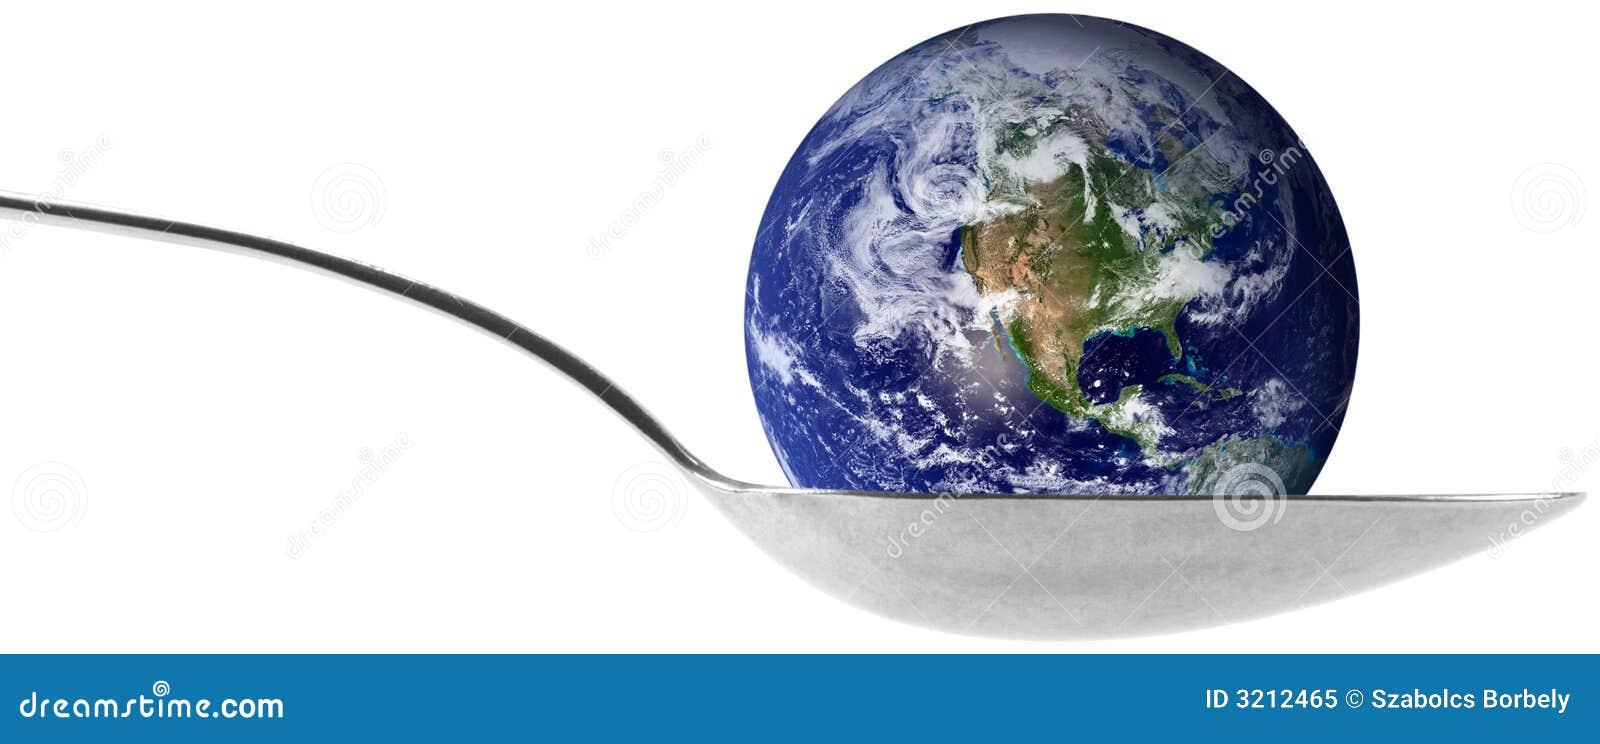 Earth globe in a spoon